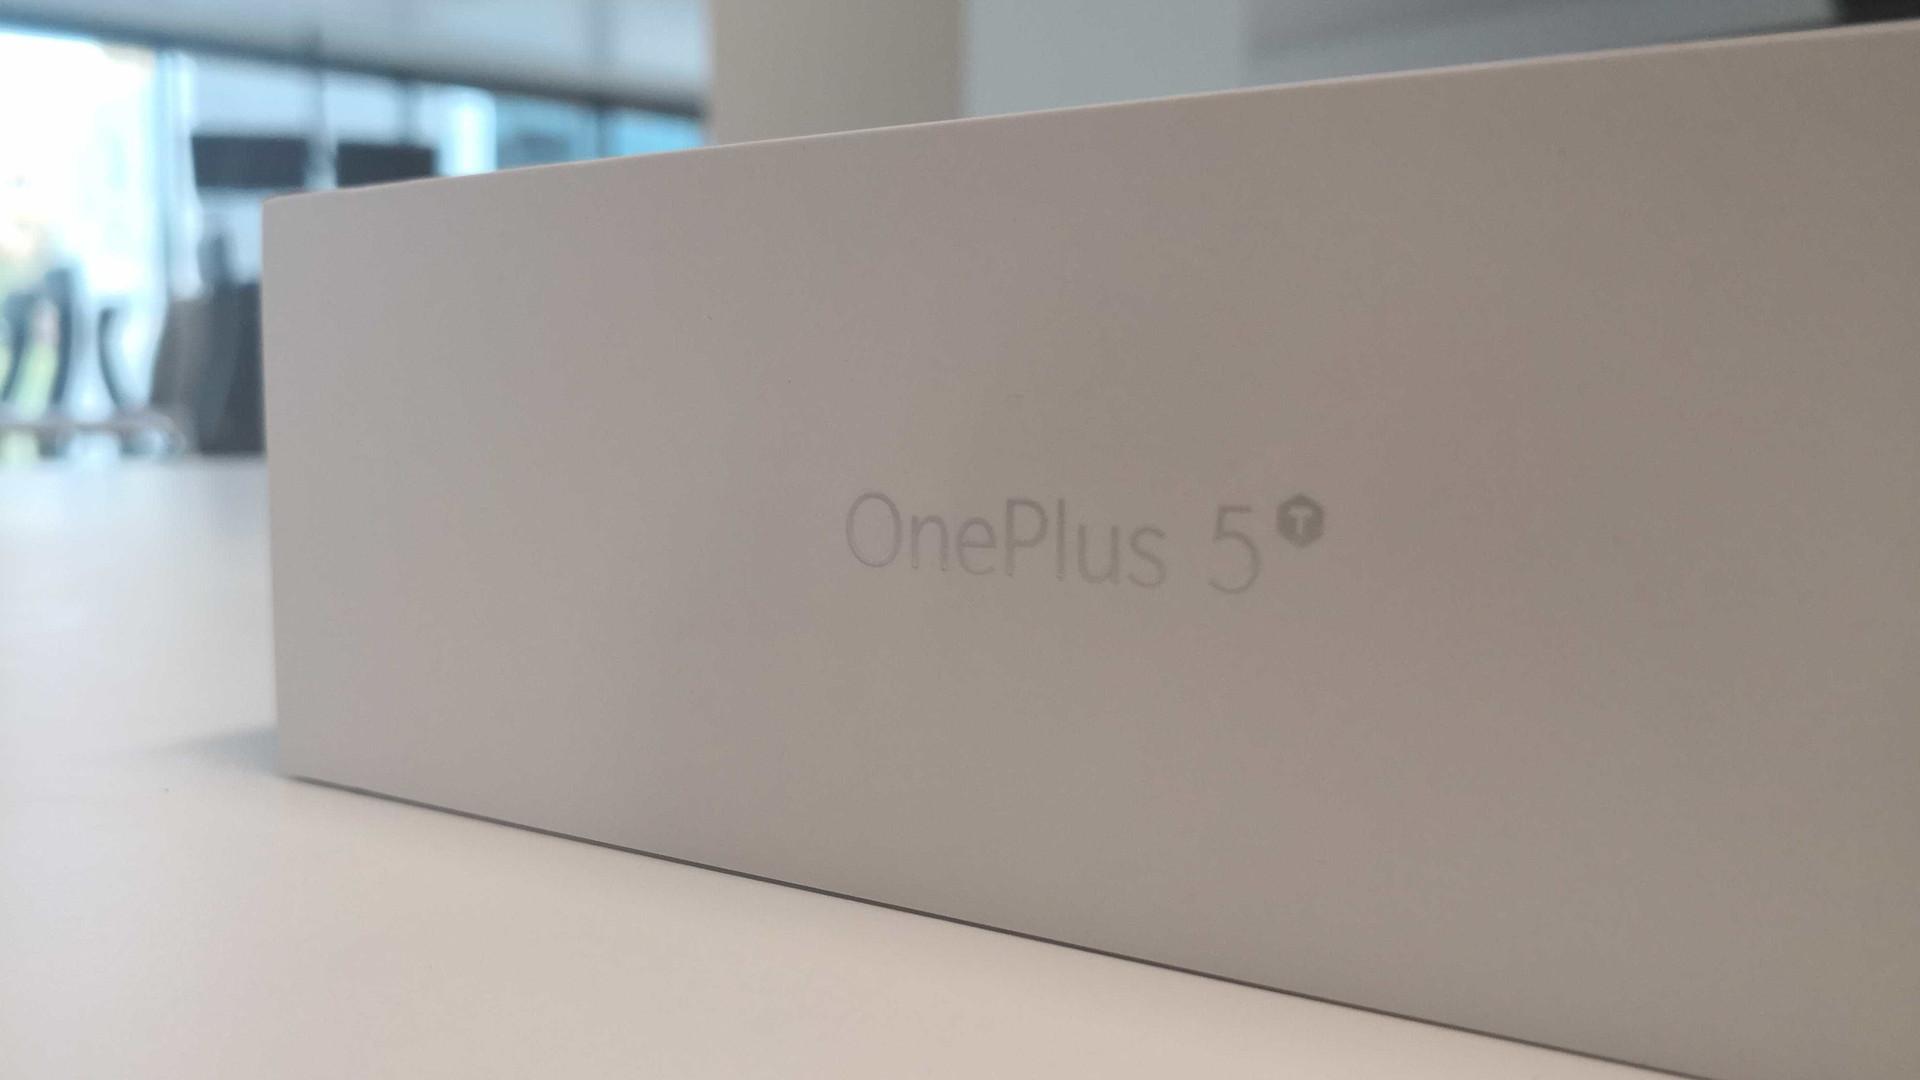 Eis o novo OnePlus 5T, um dos smartphones Android mais prometedores